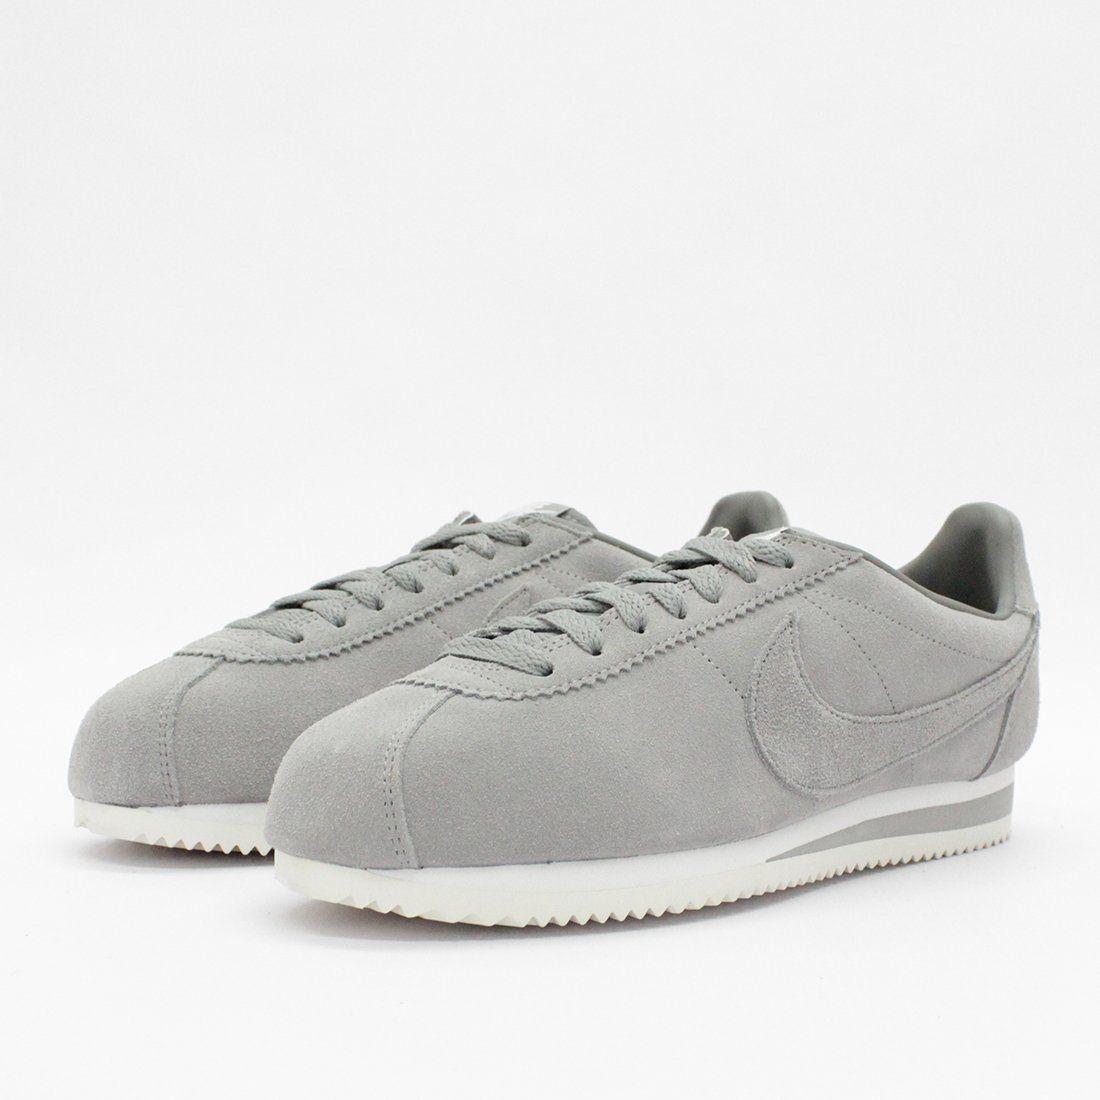 Nike classico cortez se grey formatori taglia 11 nuovi in scatola se